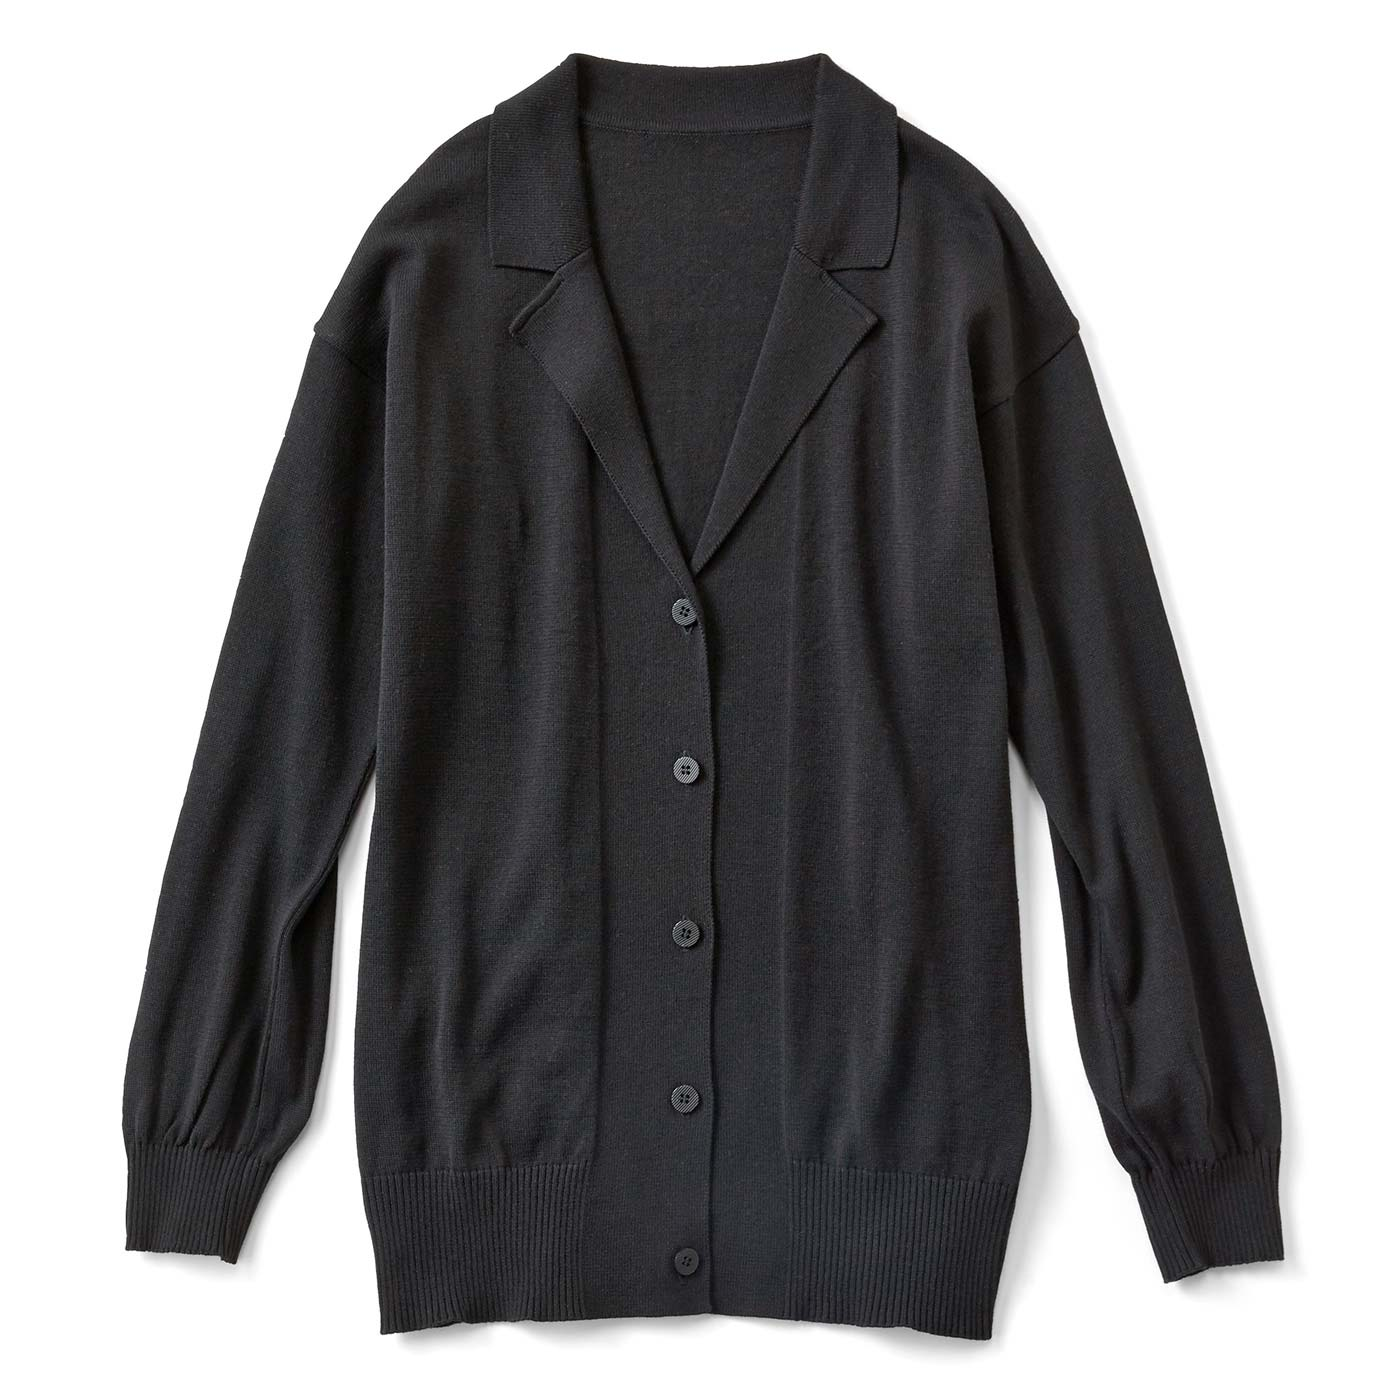 ジャケットみたいな衿付きニットカーディガン〈ブラック〉